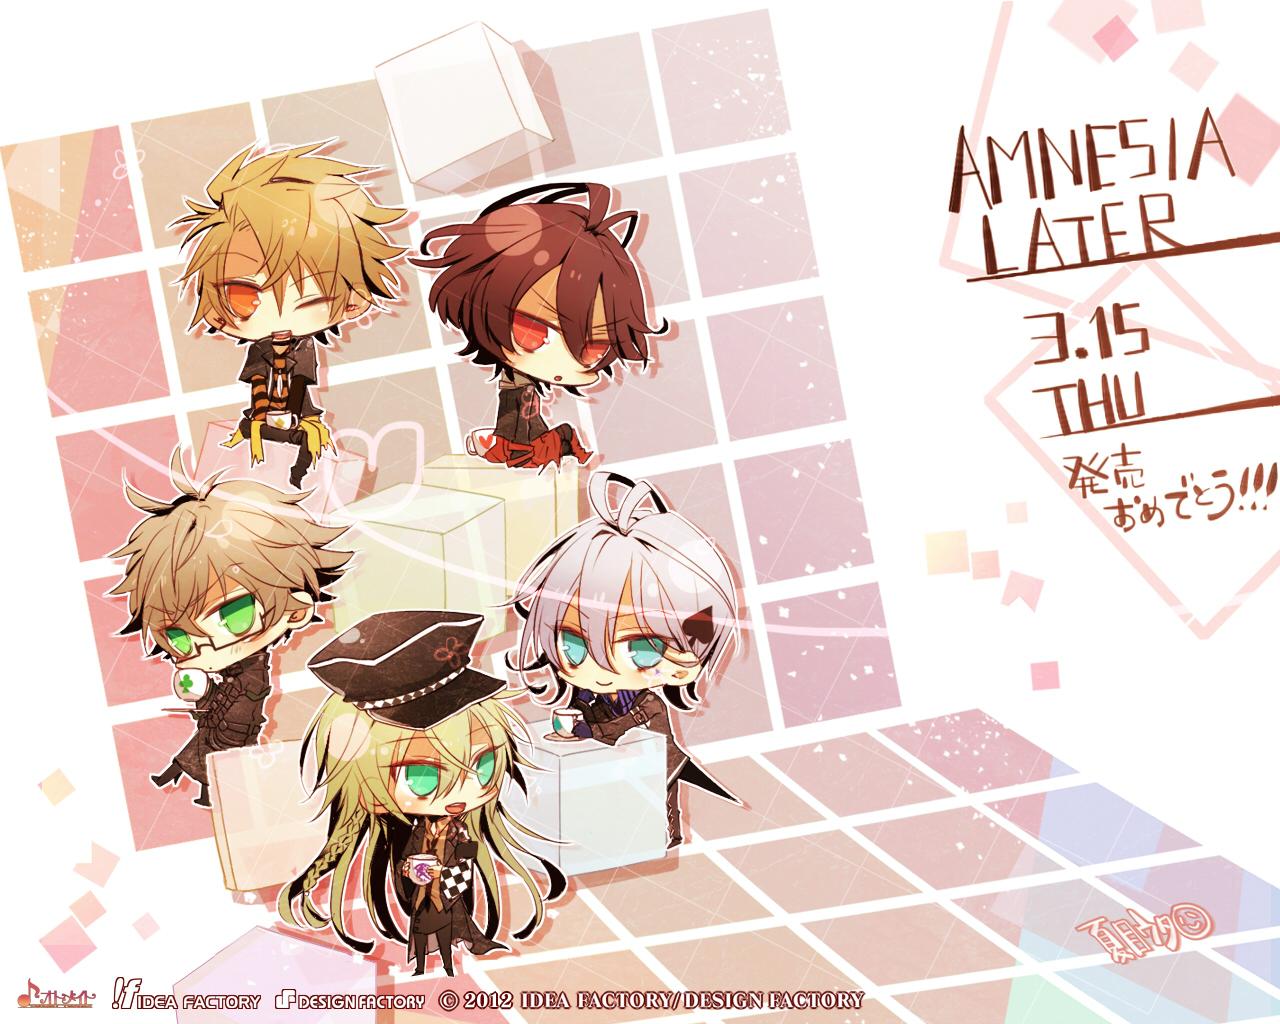 http://blog.otomate.jp/staffblog/00009192.jpg